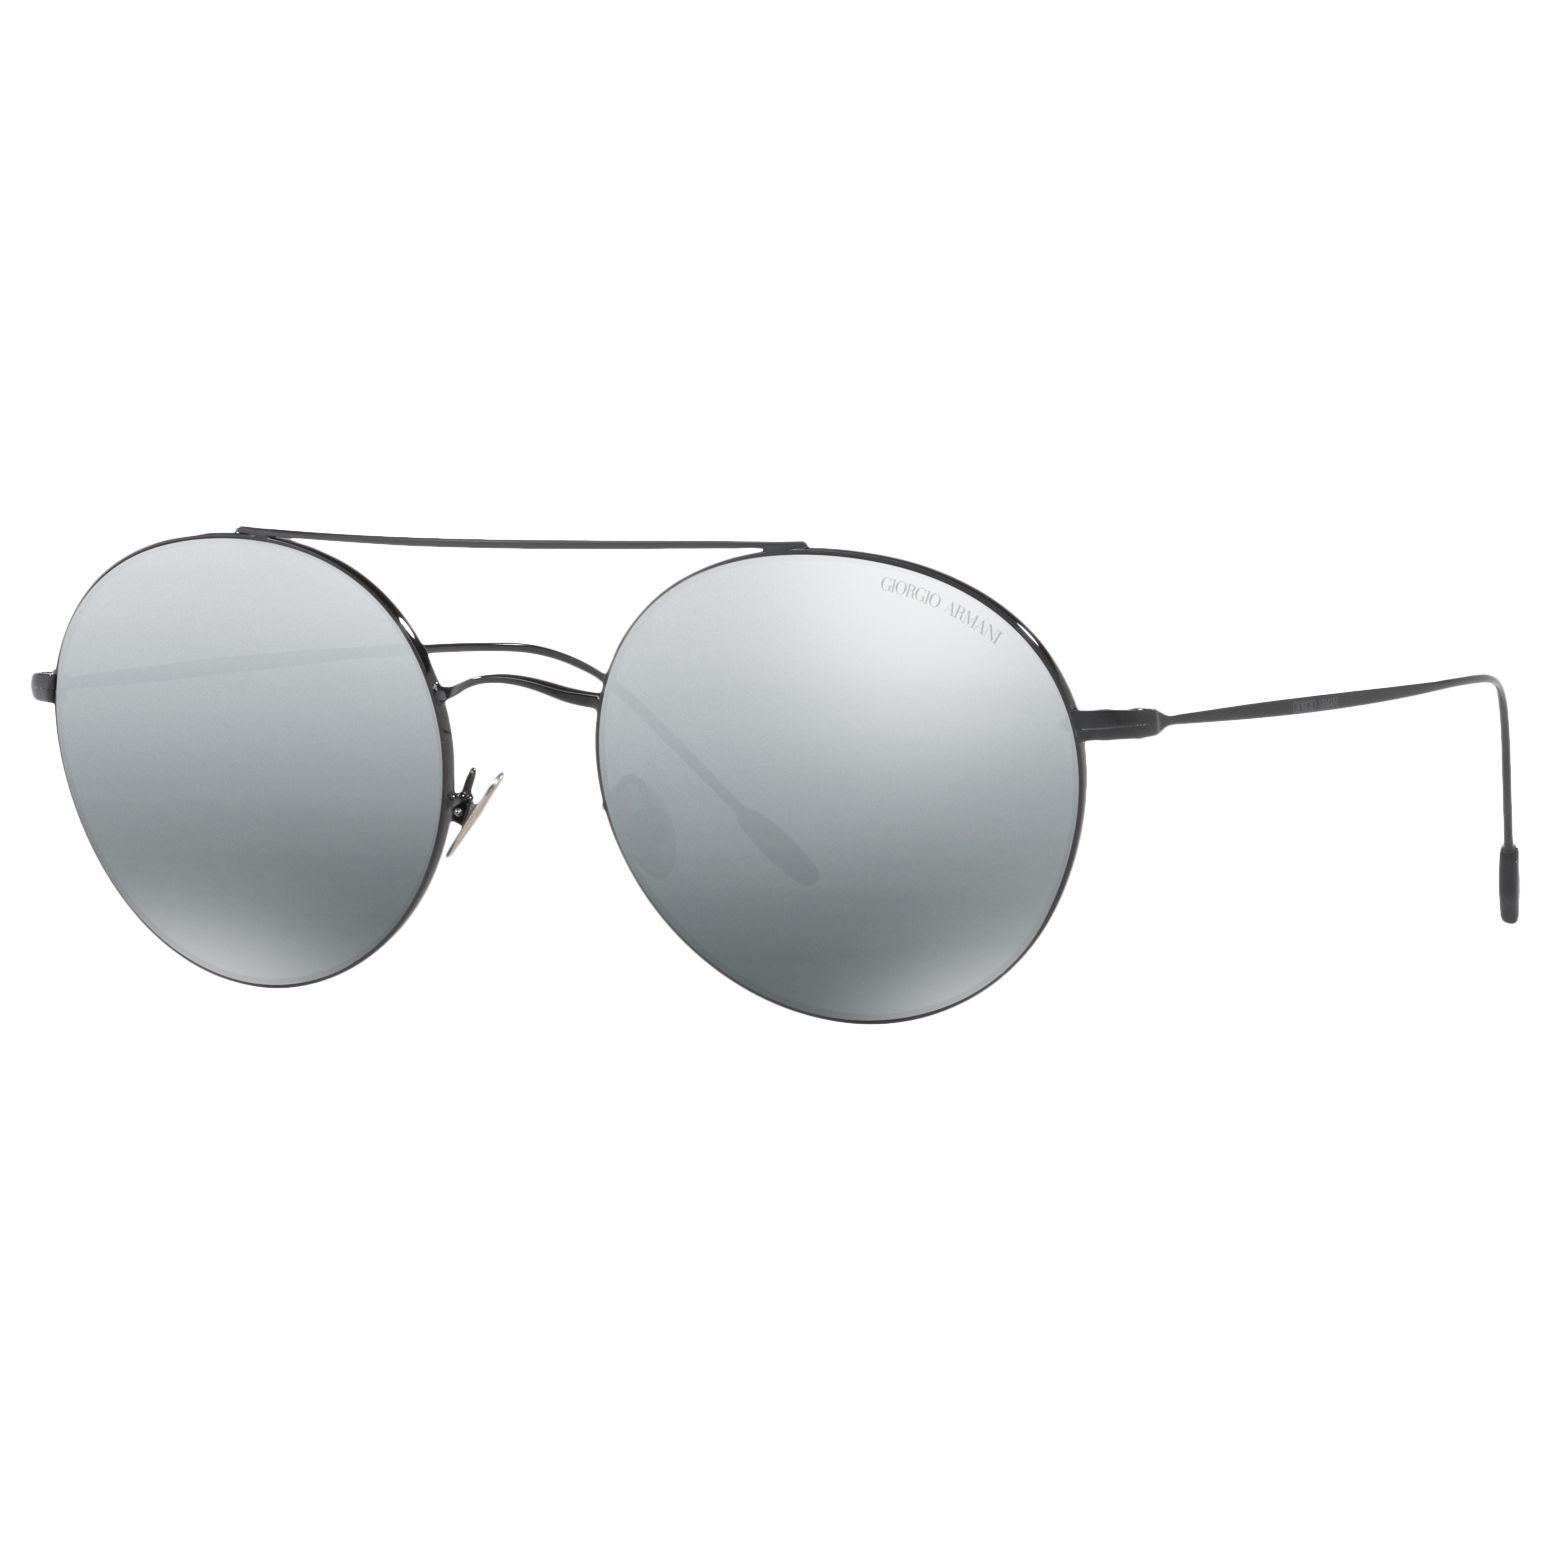 Giorgio Armani Giorgio Armani AR6050 Round Sunglasses, Black/Mirror Grey